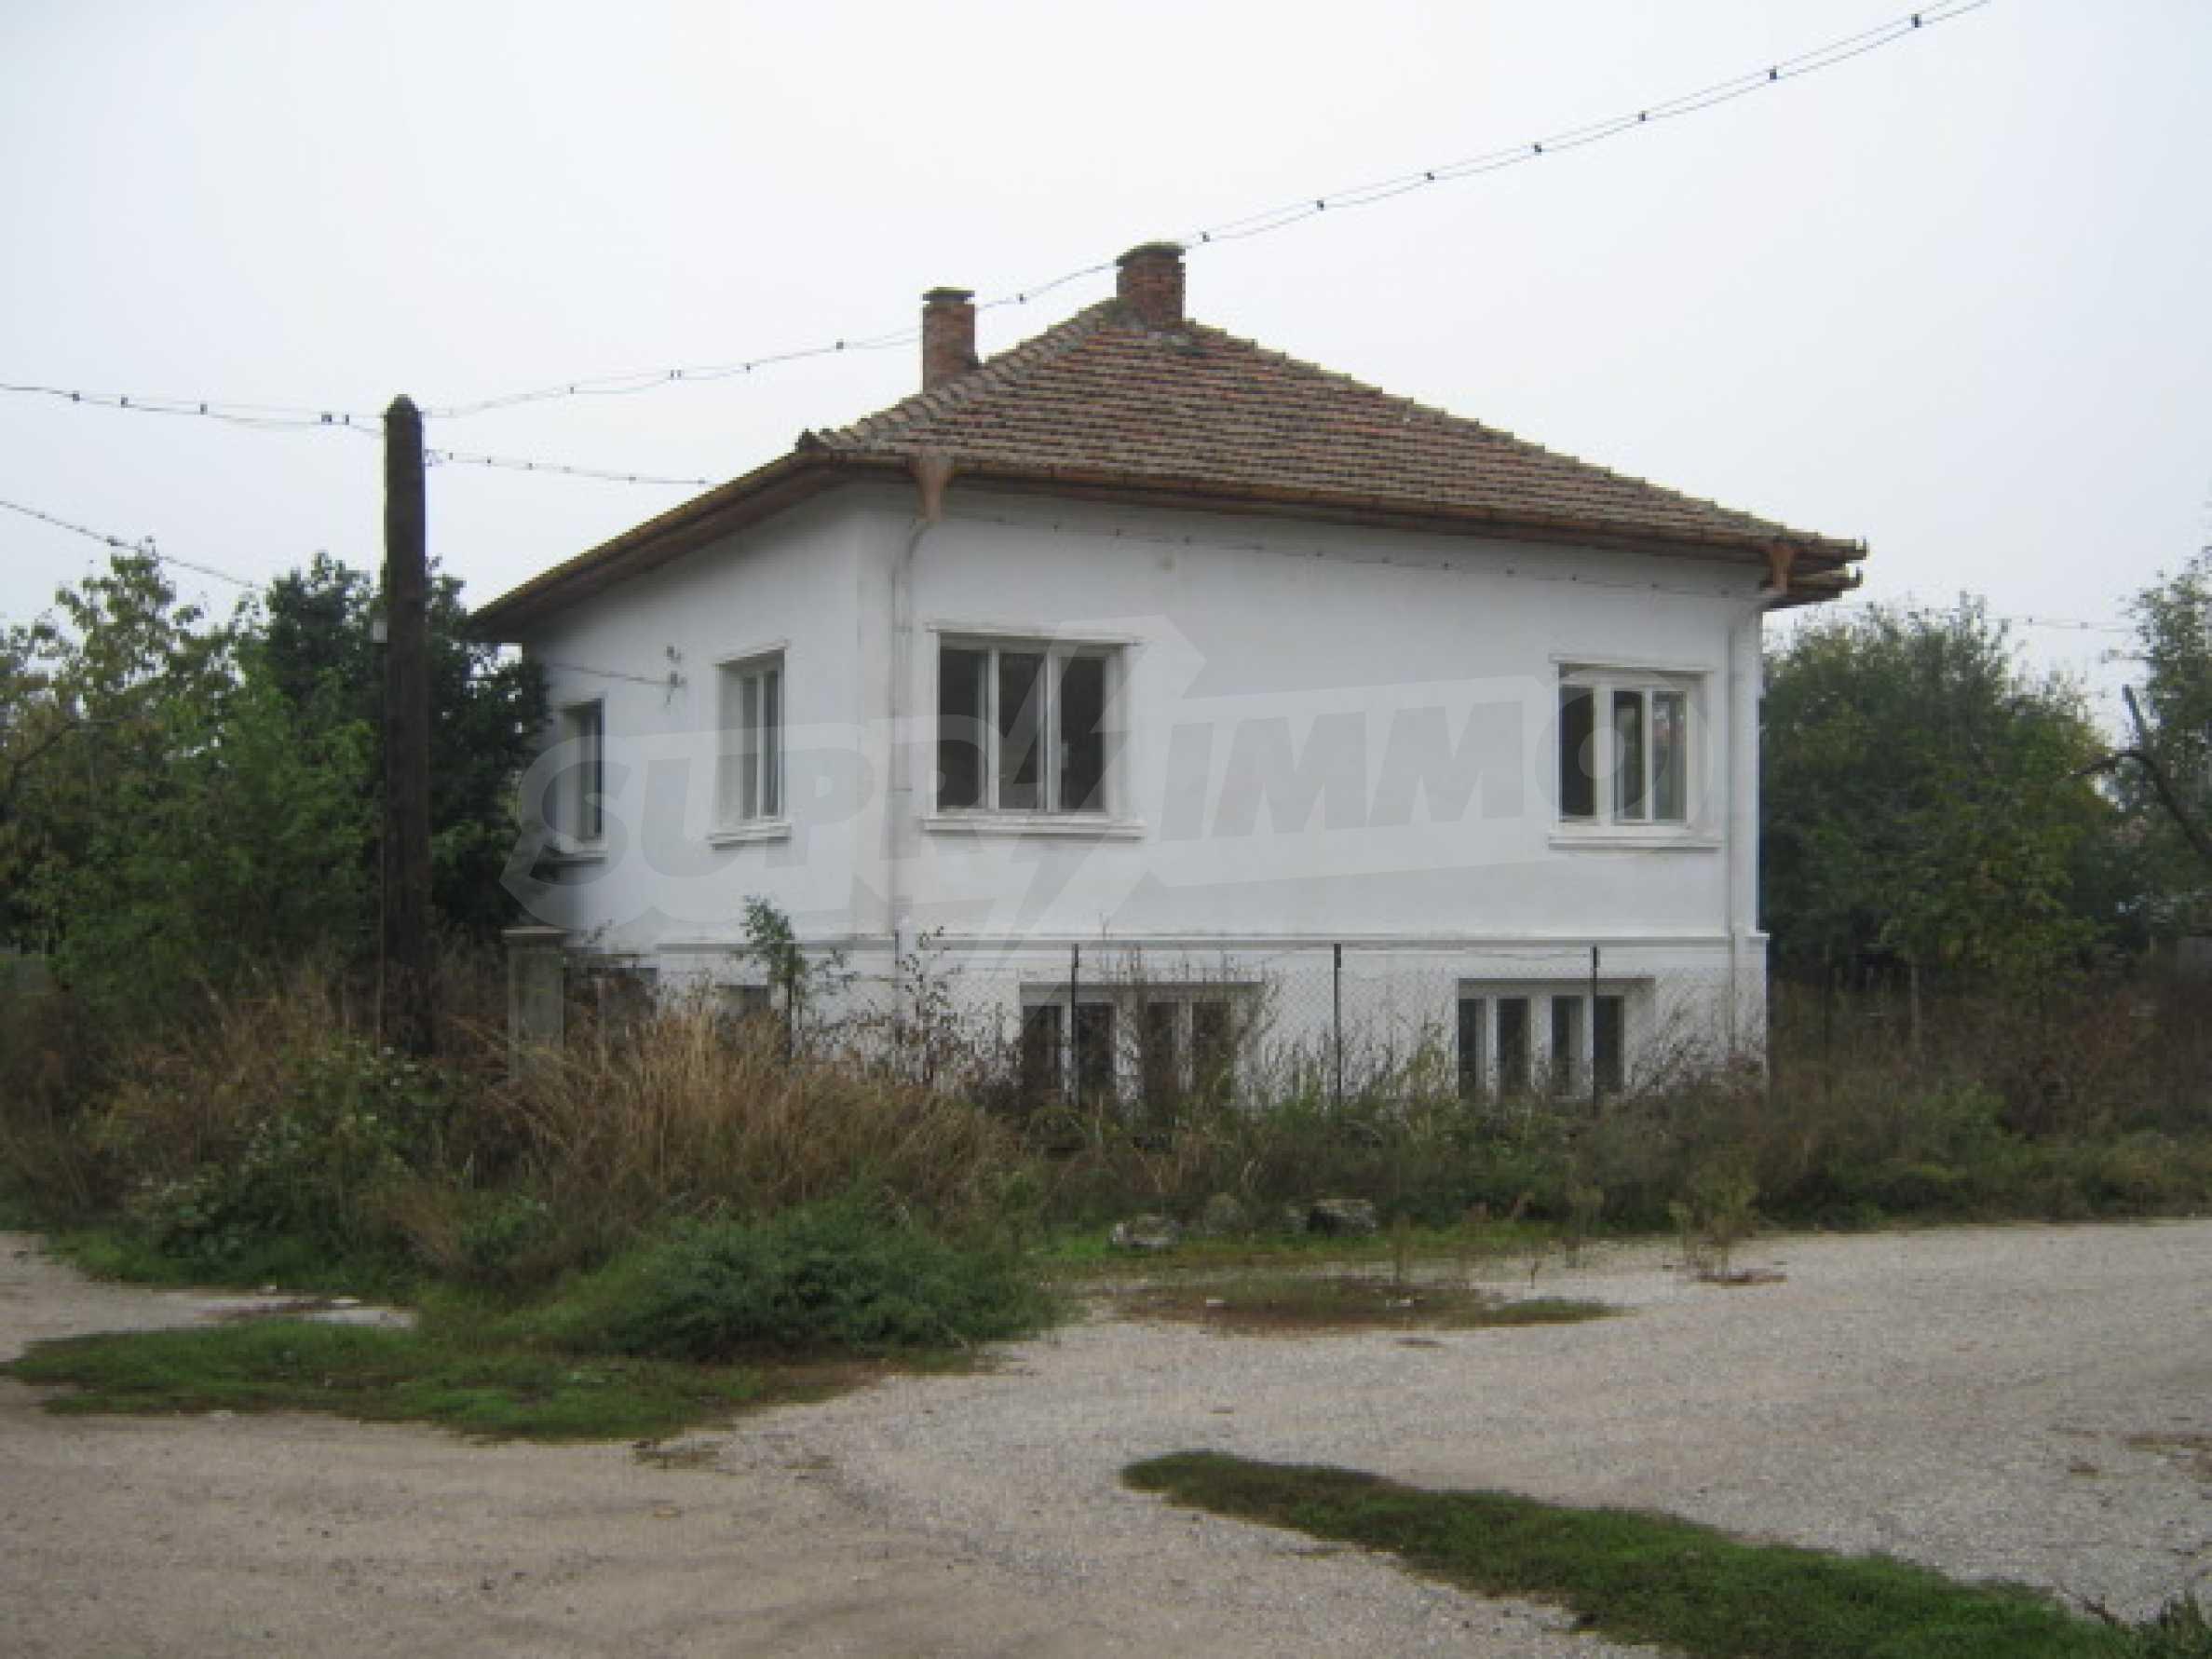 Haus in einem malerischen Dorf an der Küste des Flusses Donau 18